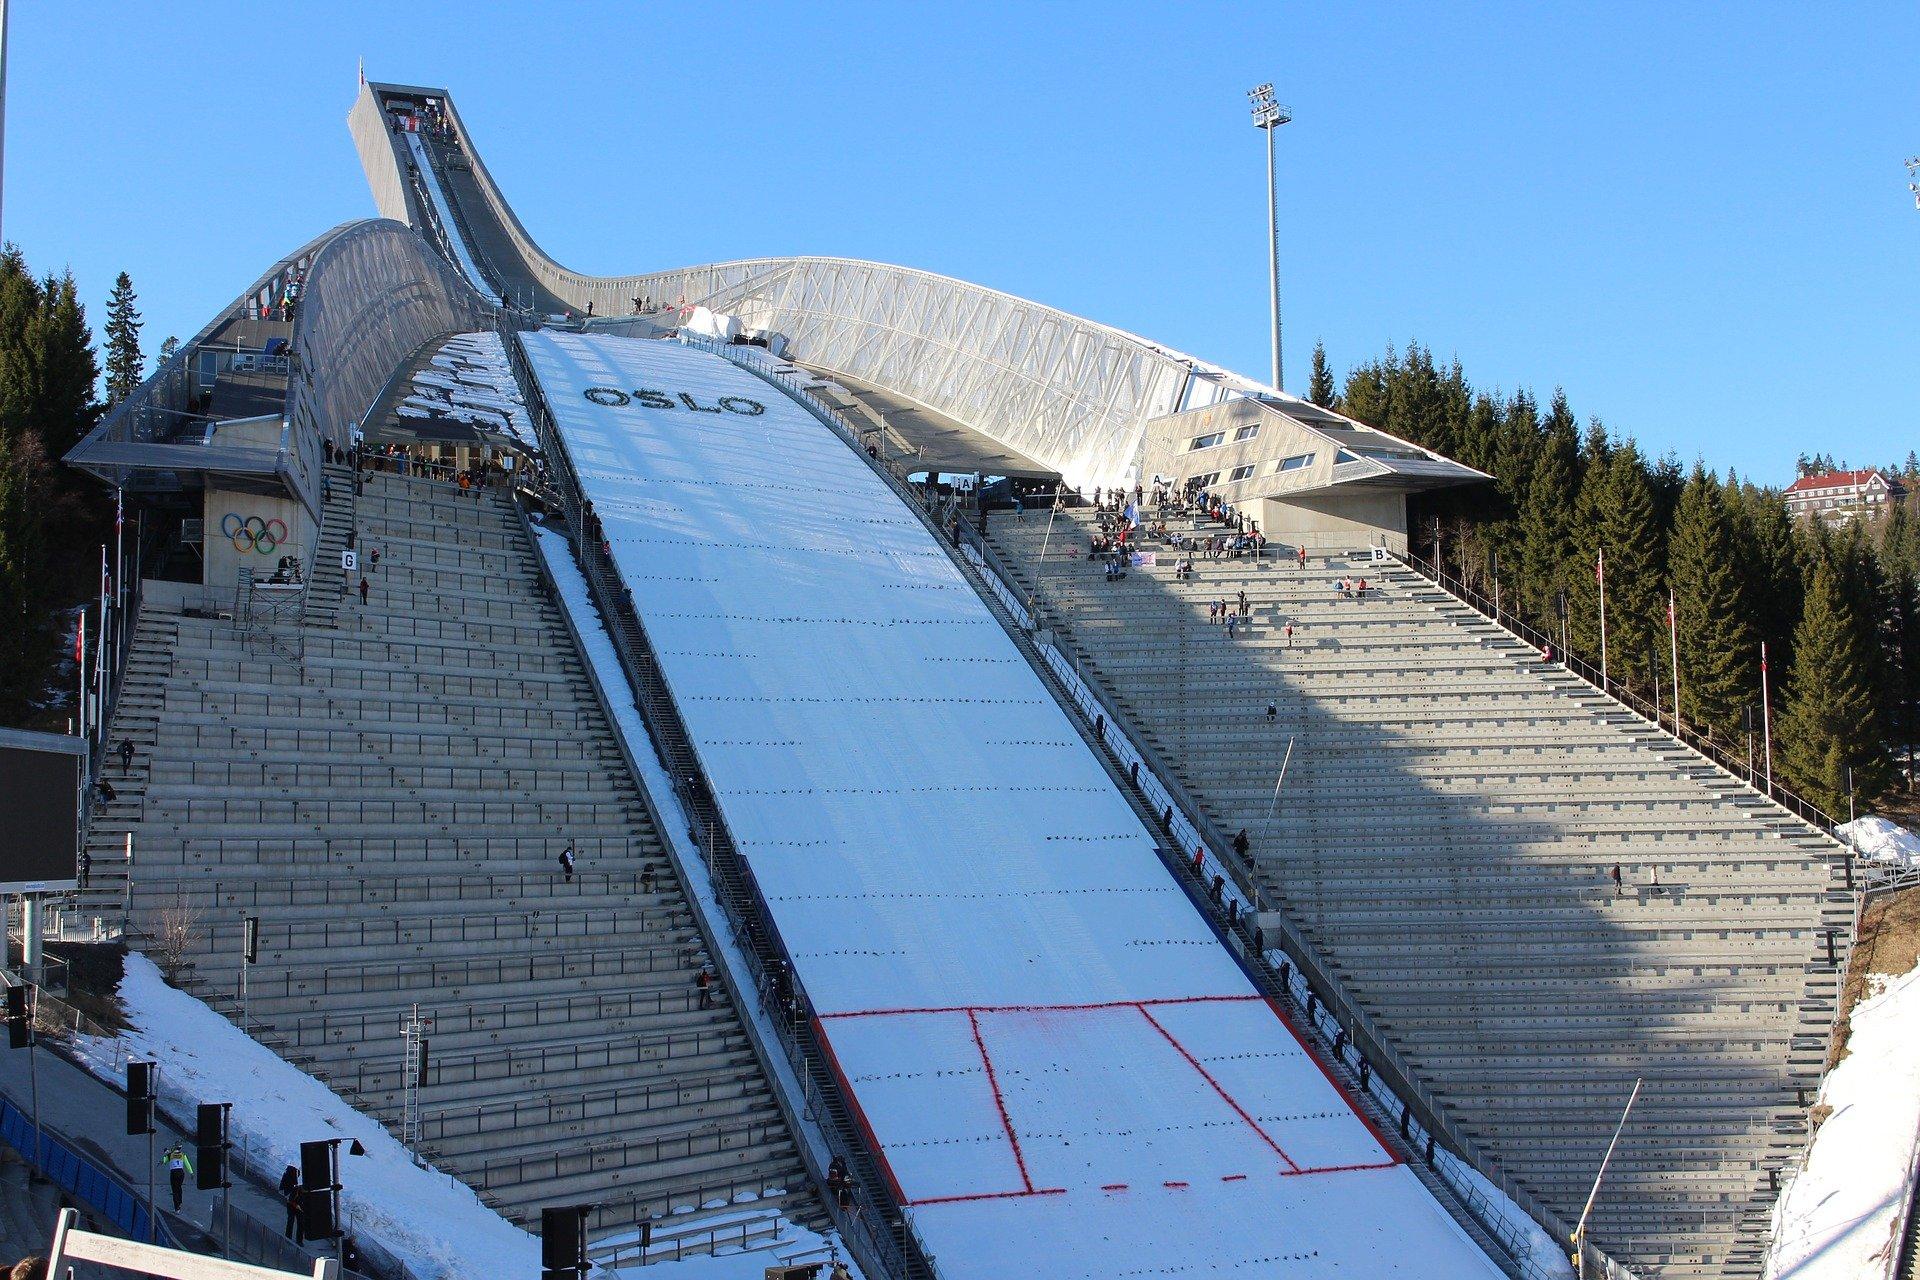 Kończy się pewna era. Skoki narciarskie przechodzą do TVN - Zdjęcie główne